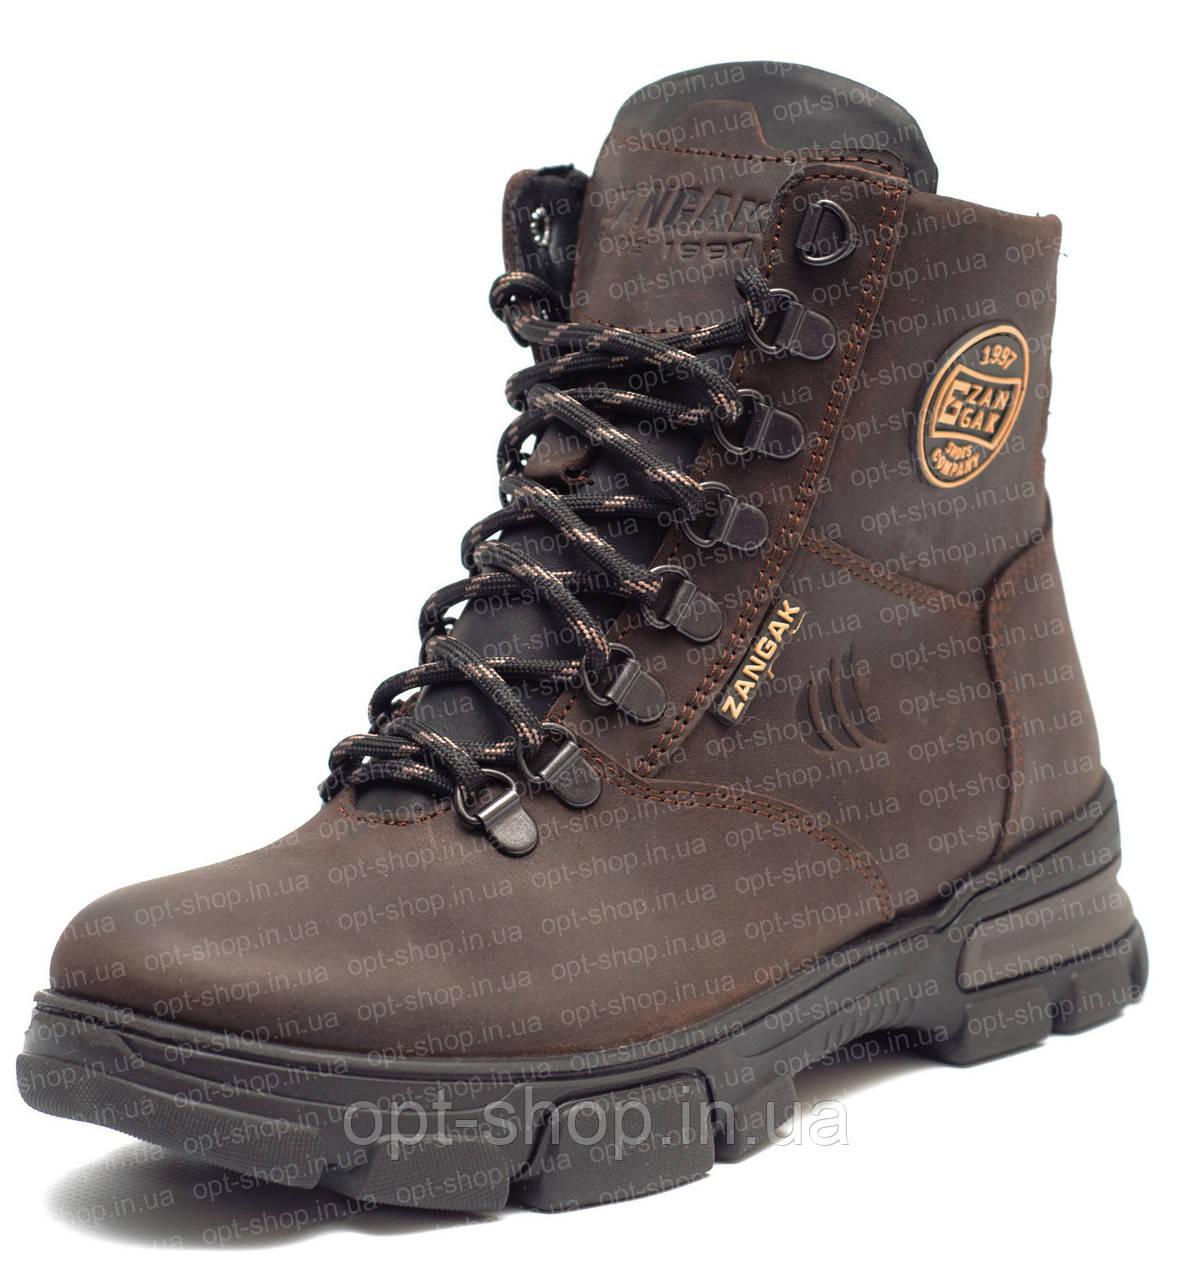 Ботинки детские подростковые зимние кожаные для мальчика (берцы)